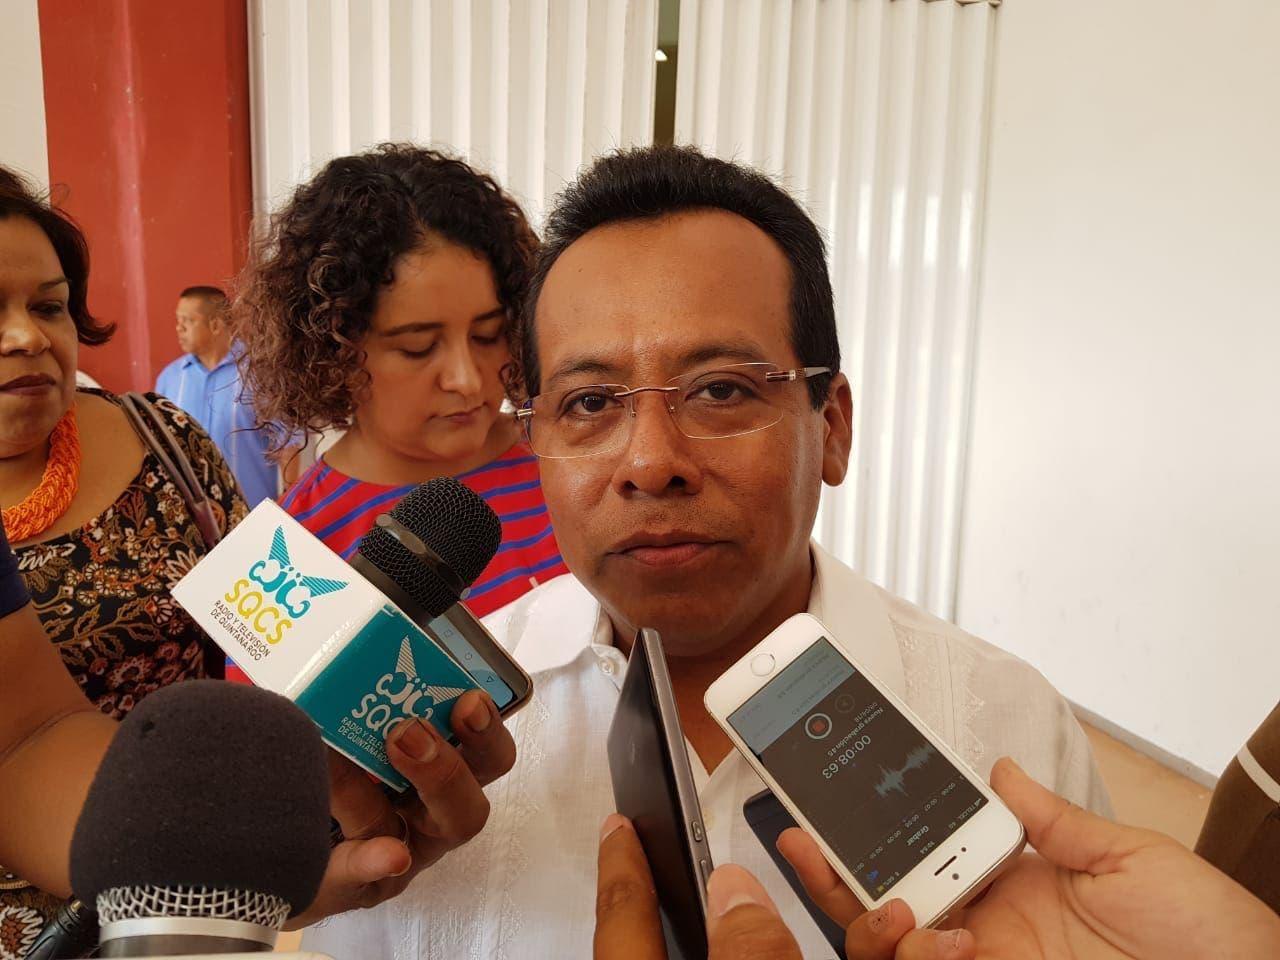 Manuel Palacios Herrera, presidente de la Auditoría Superior del Estado de Quintana Roo (Aseqroo)